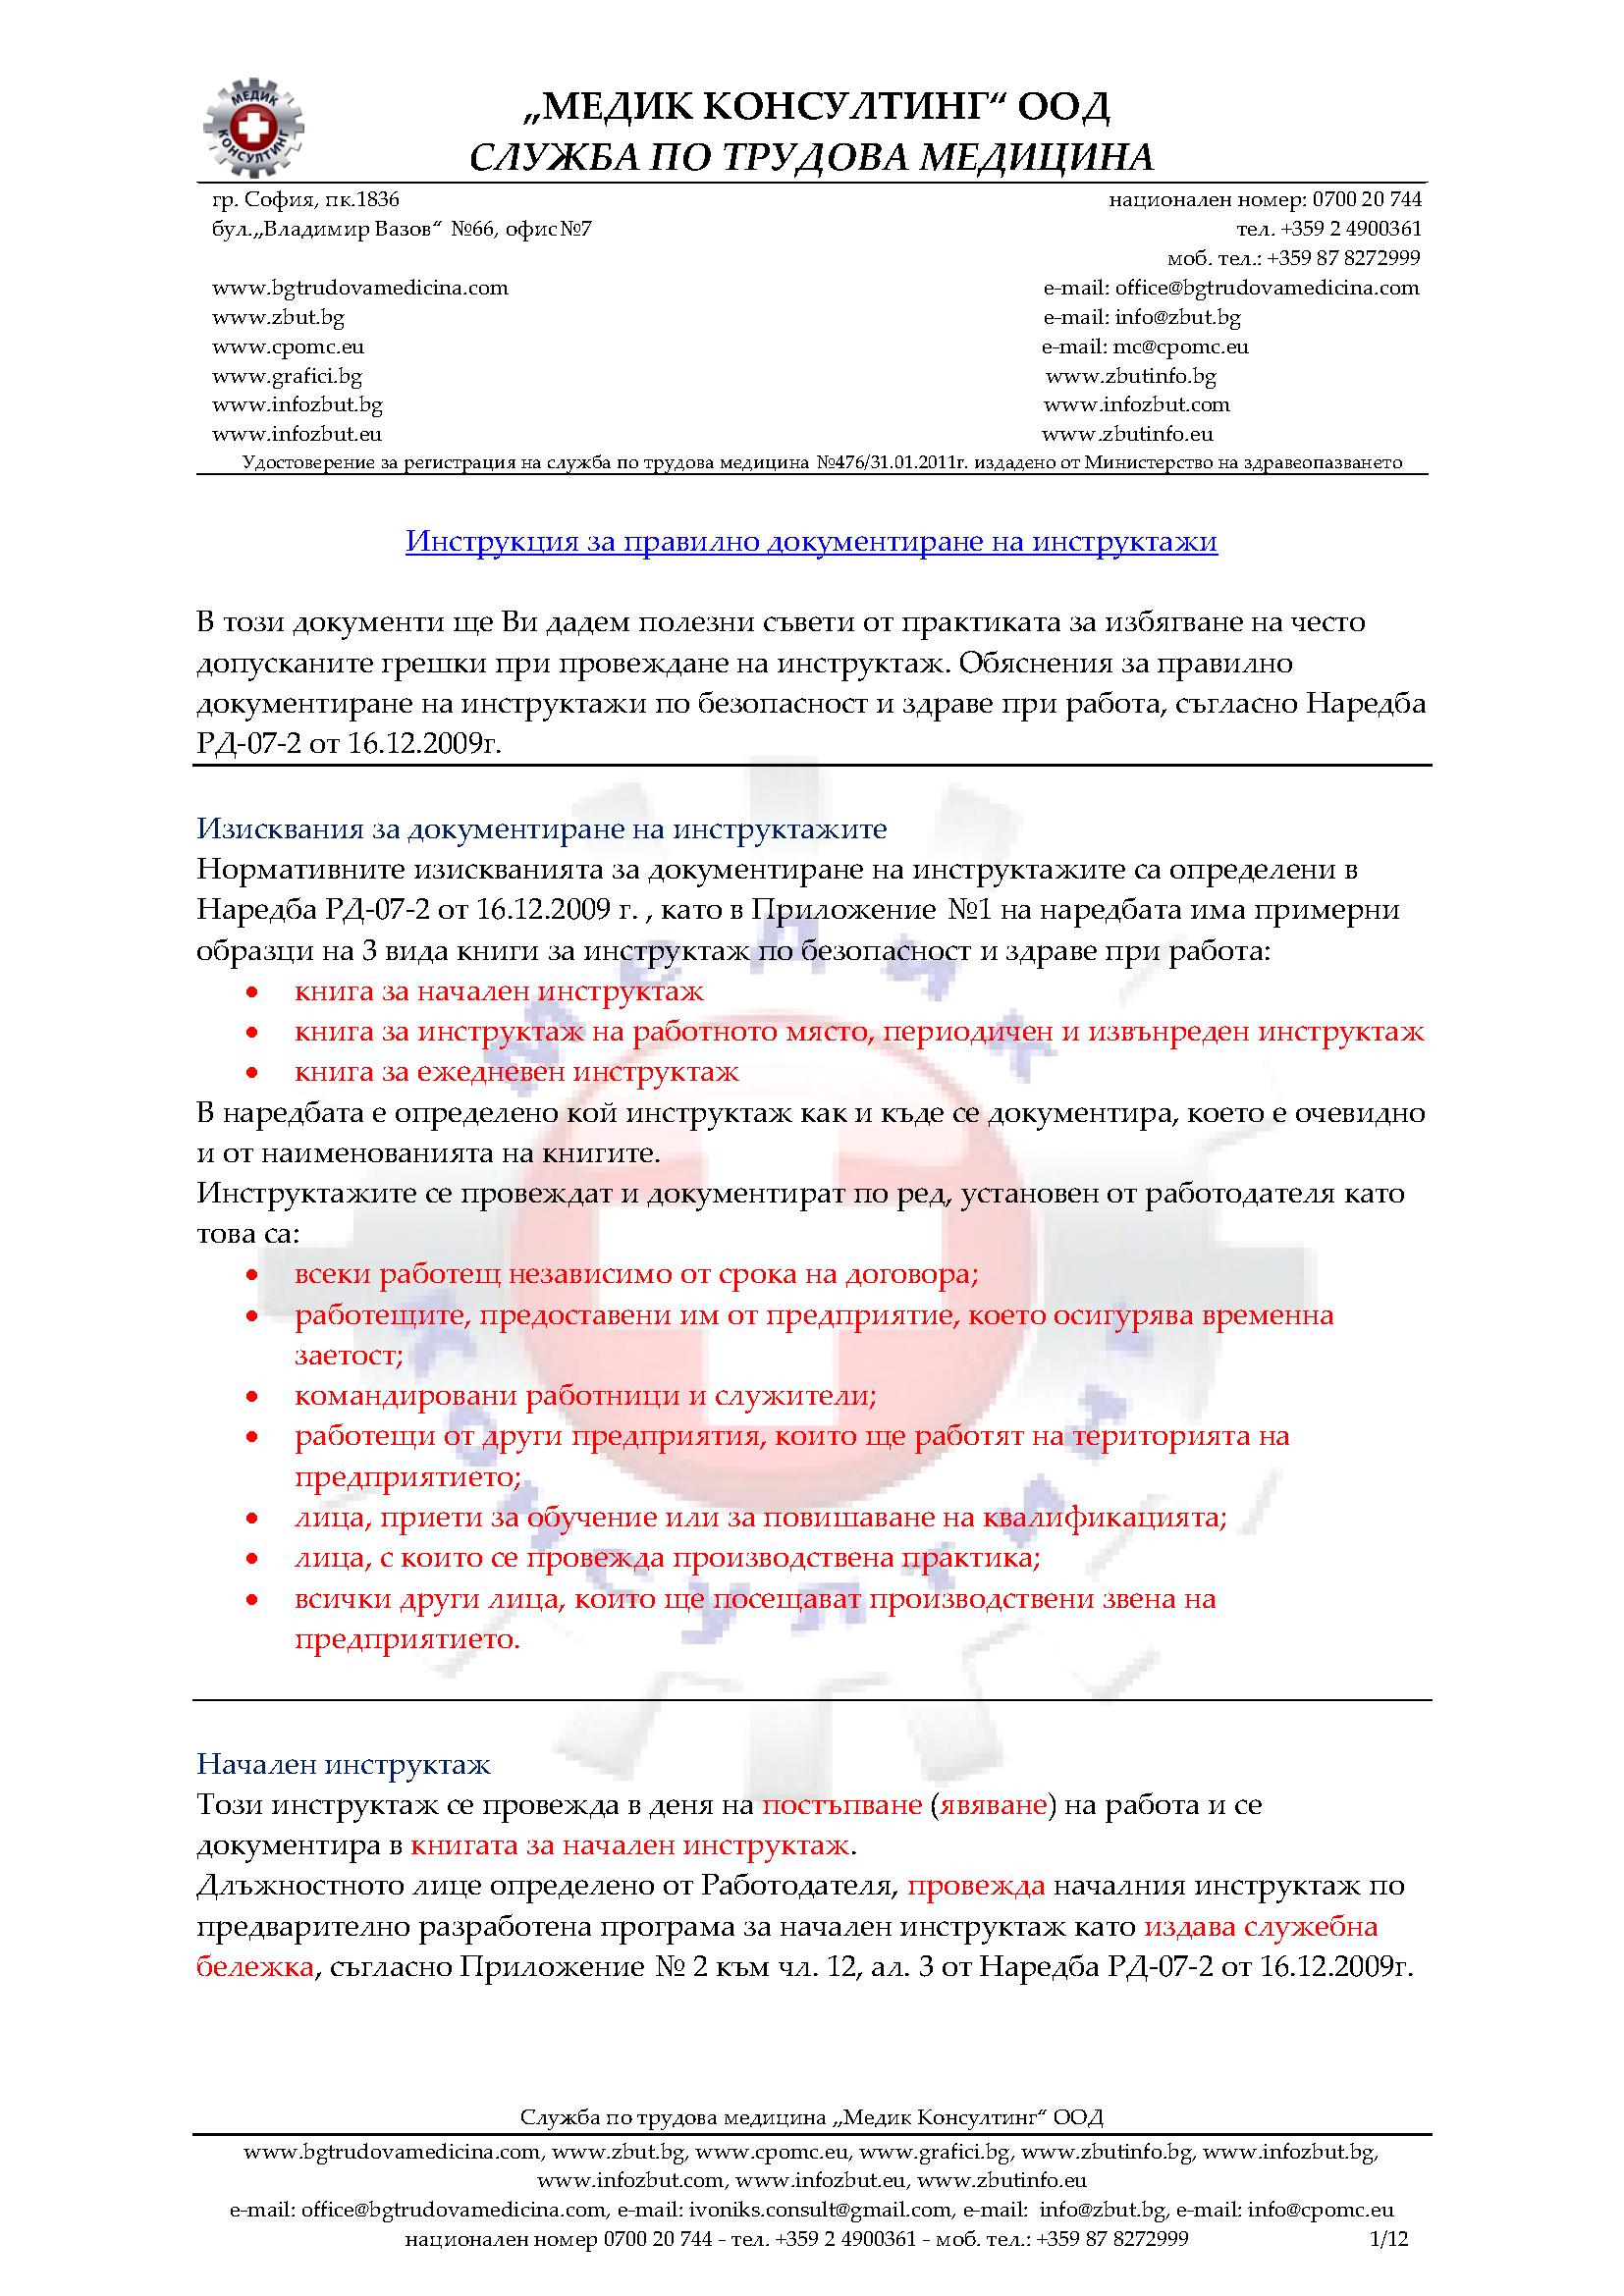 Нормативни изисквания за документиране на инструктажите